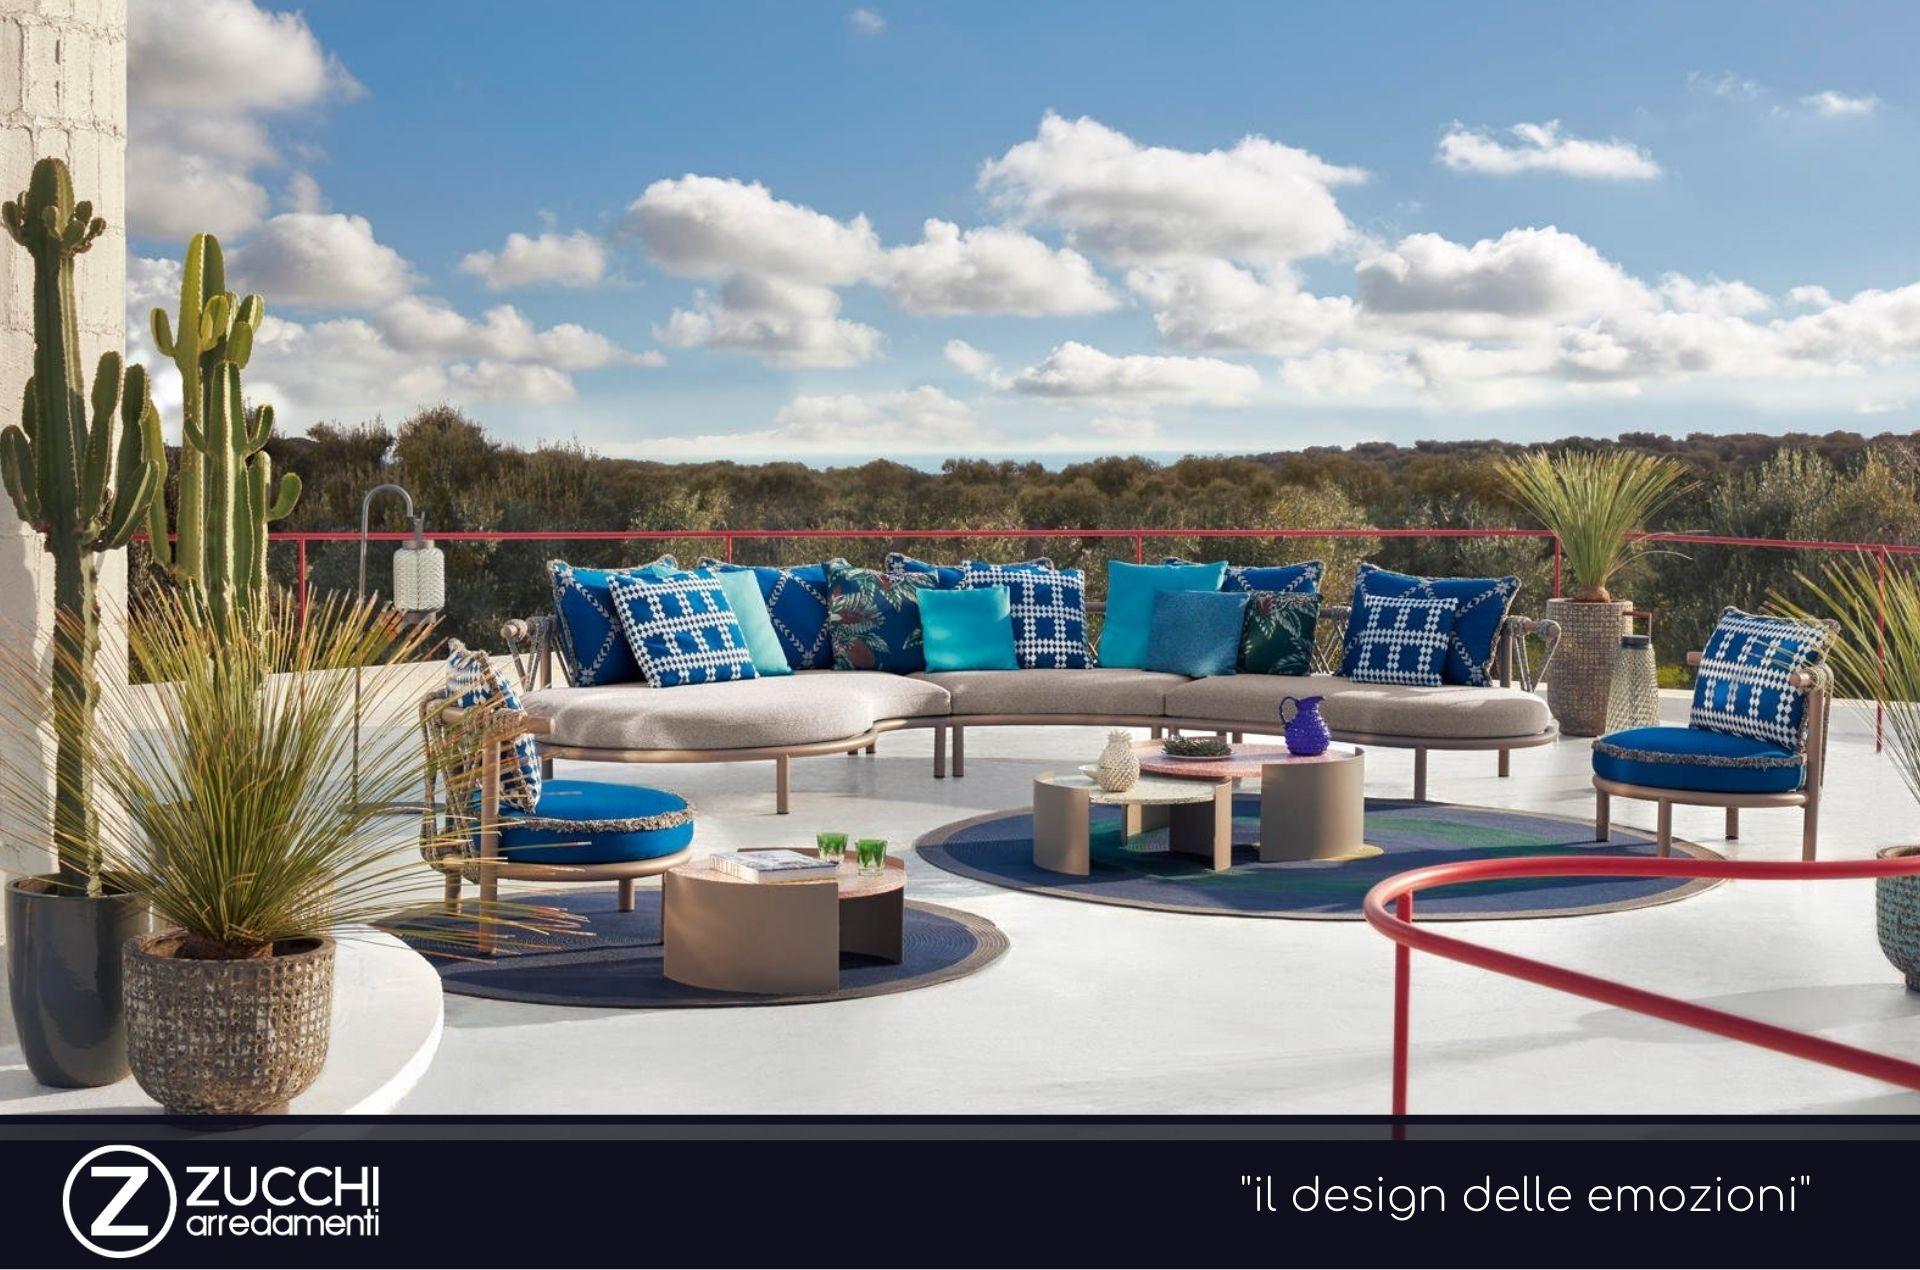 Trampoline - Cassina - Zucchi Arredamenti - Italy Interior Design